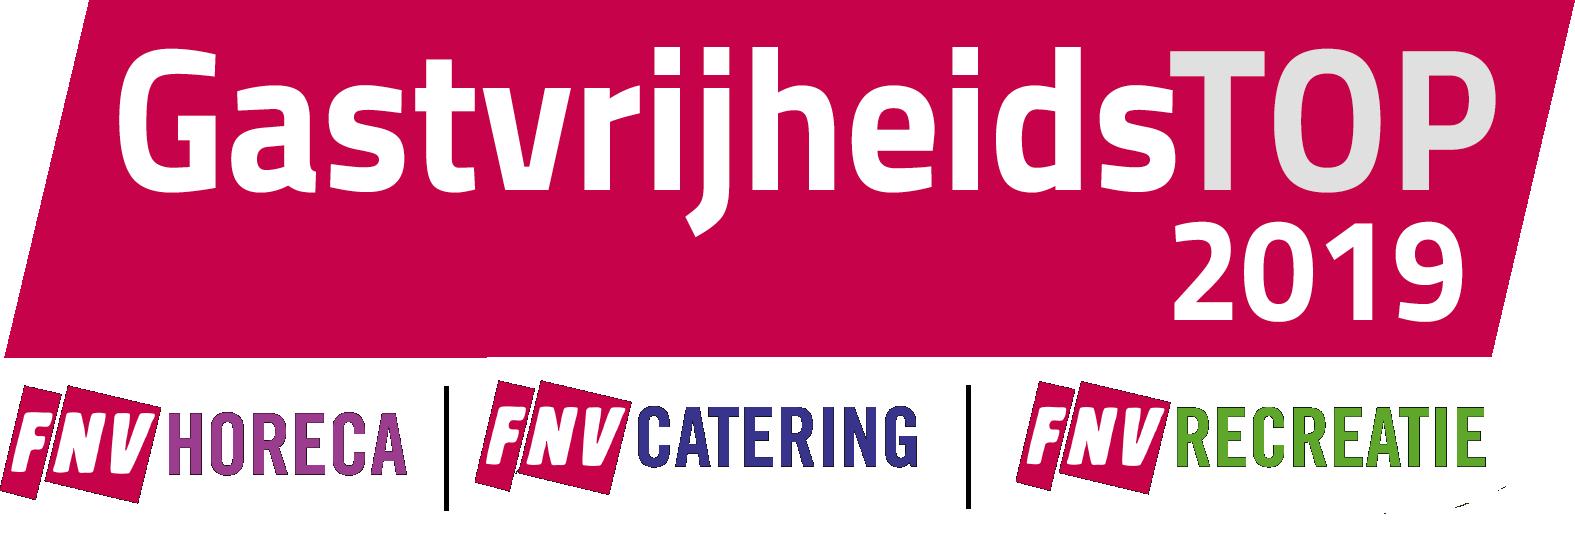 Gastvrijheidstop logo